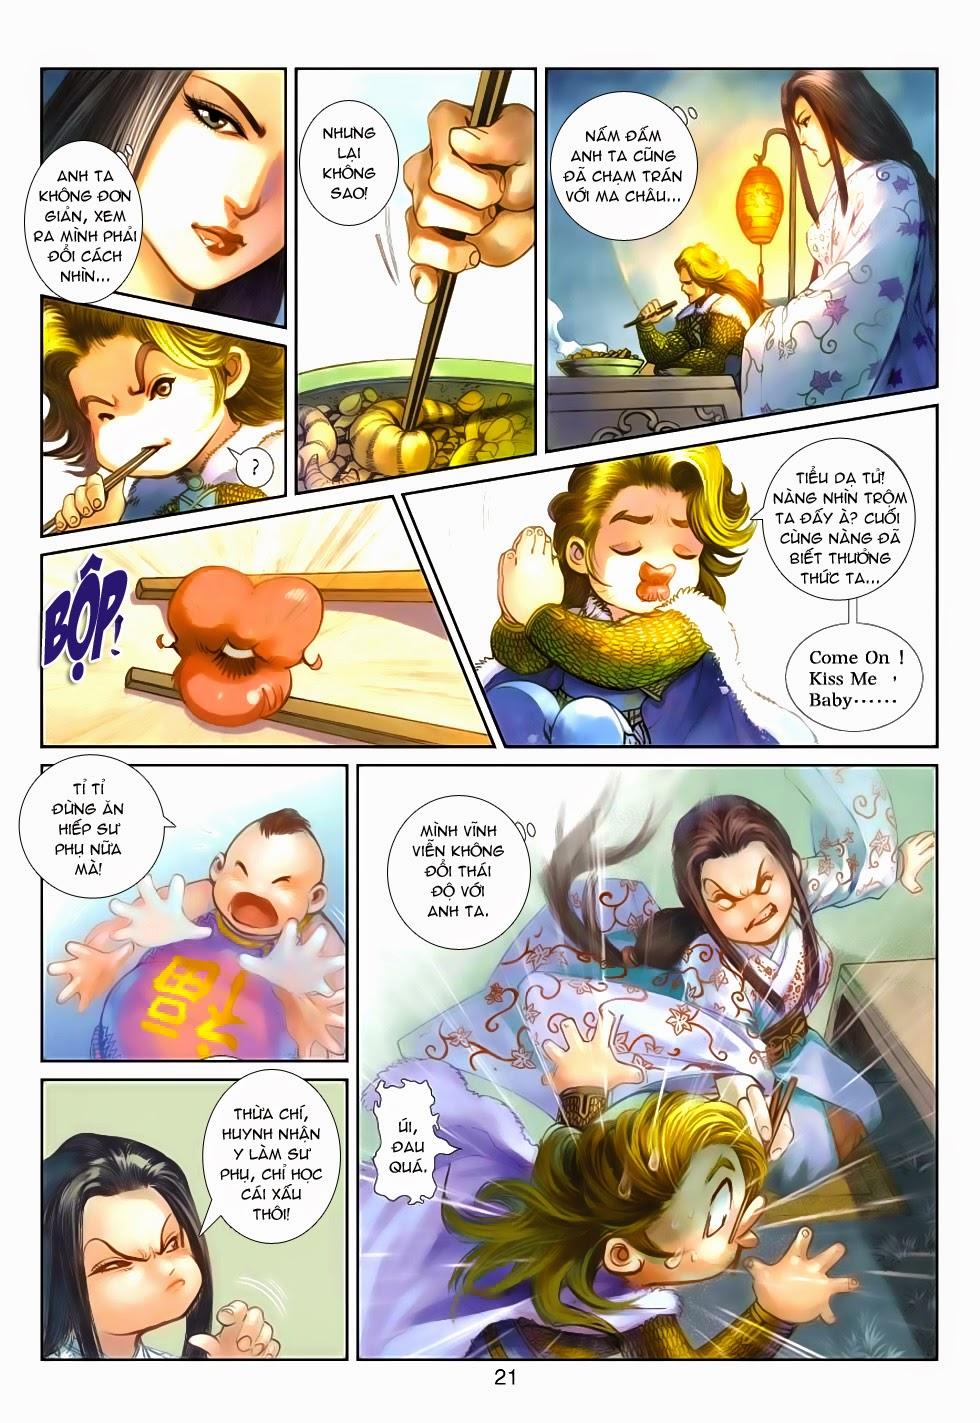 Thần Binh Tiền Truyện 4 - Huyền Thiên Tà Đế chap 5 - Trang 21